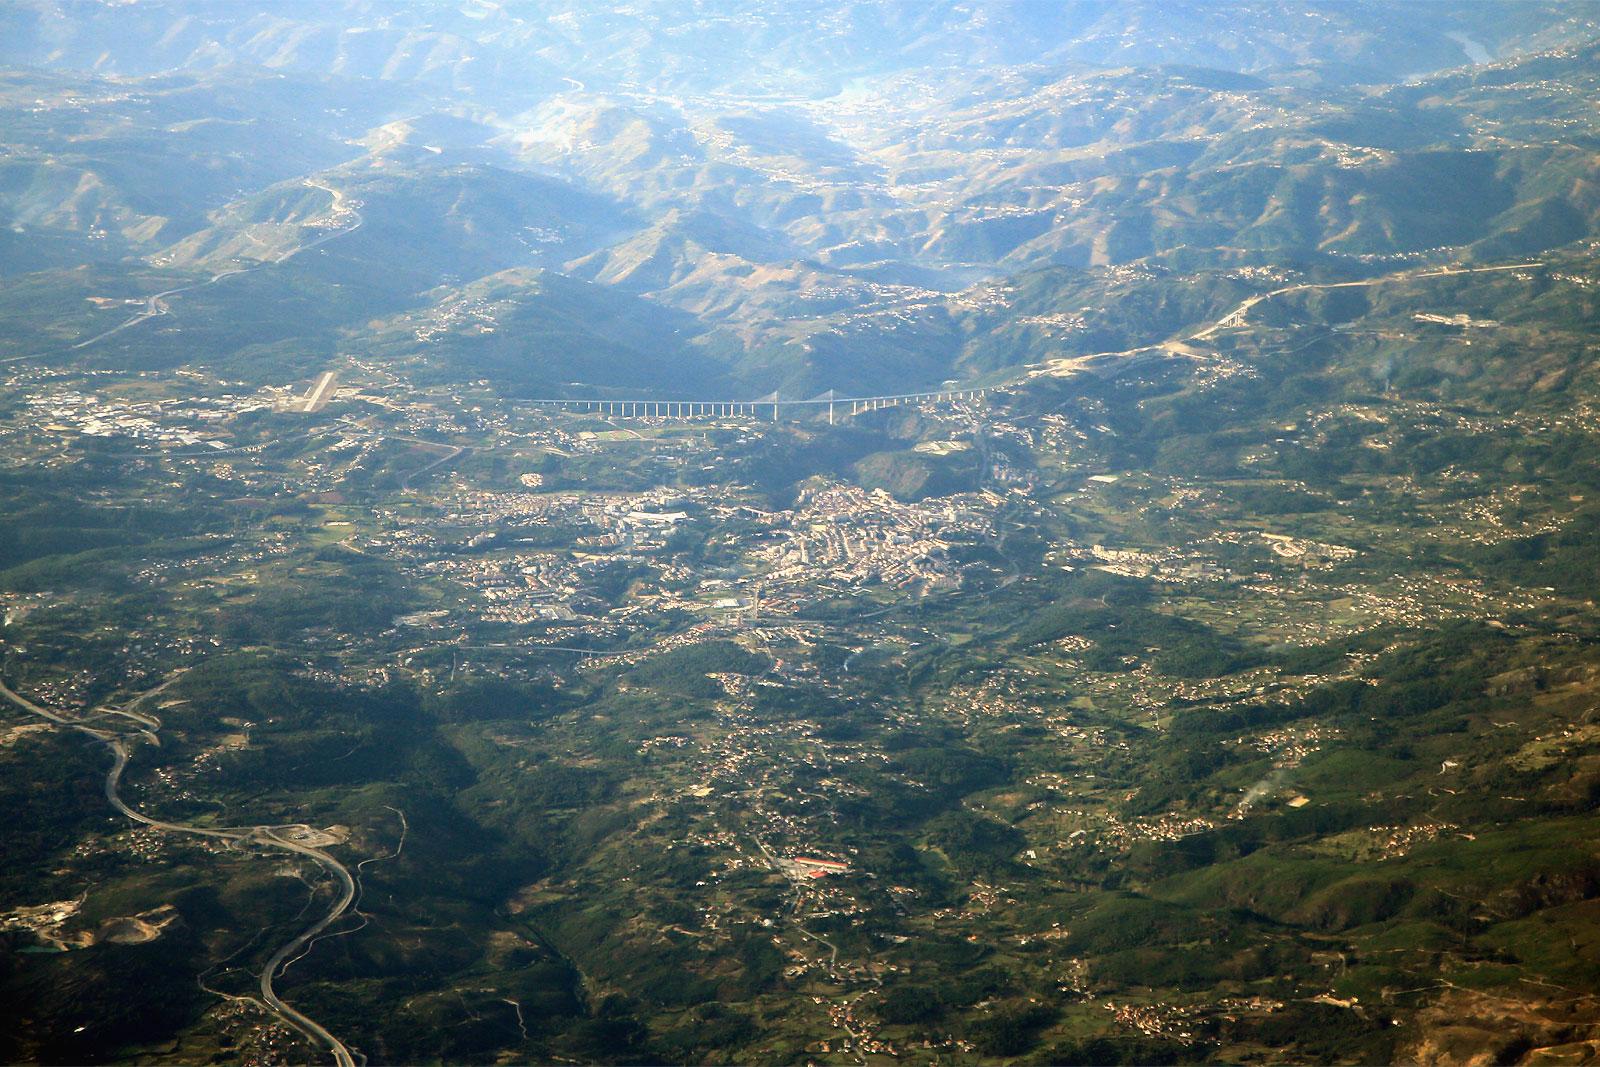 Вид из самолета на город Вила-Реал в Португалии